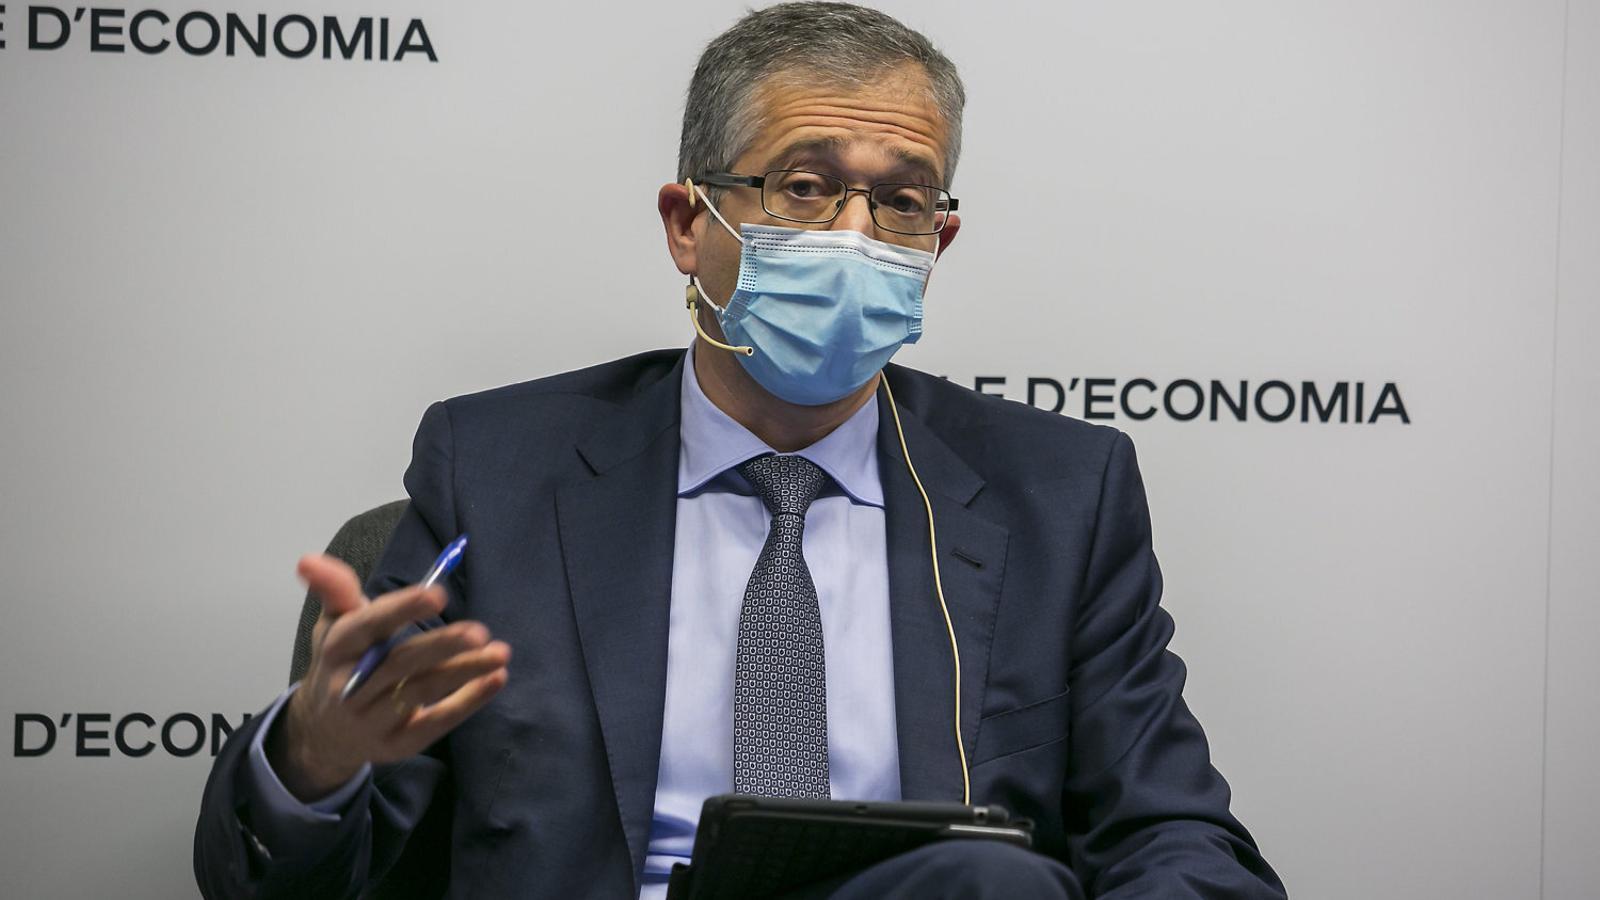 Pablo Hernández  de Cos ahir  al Cercle d'Economia.